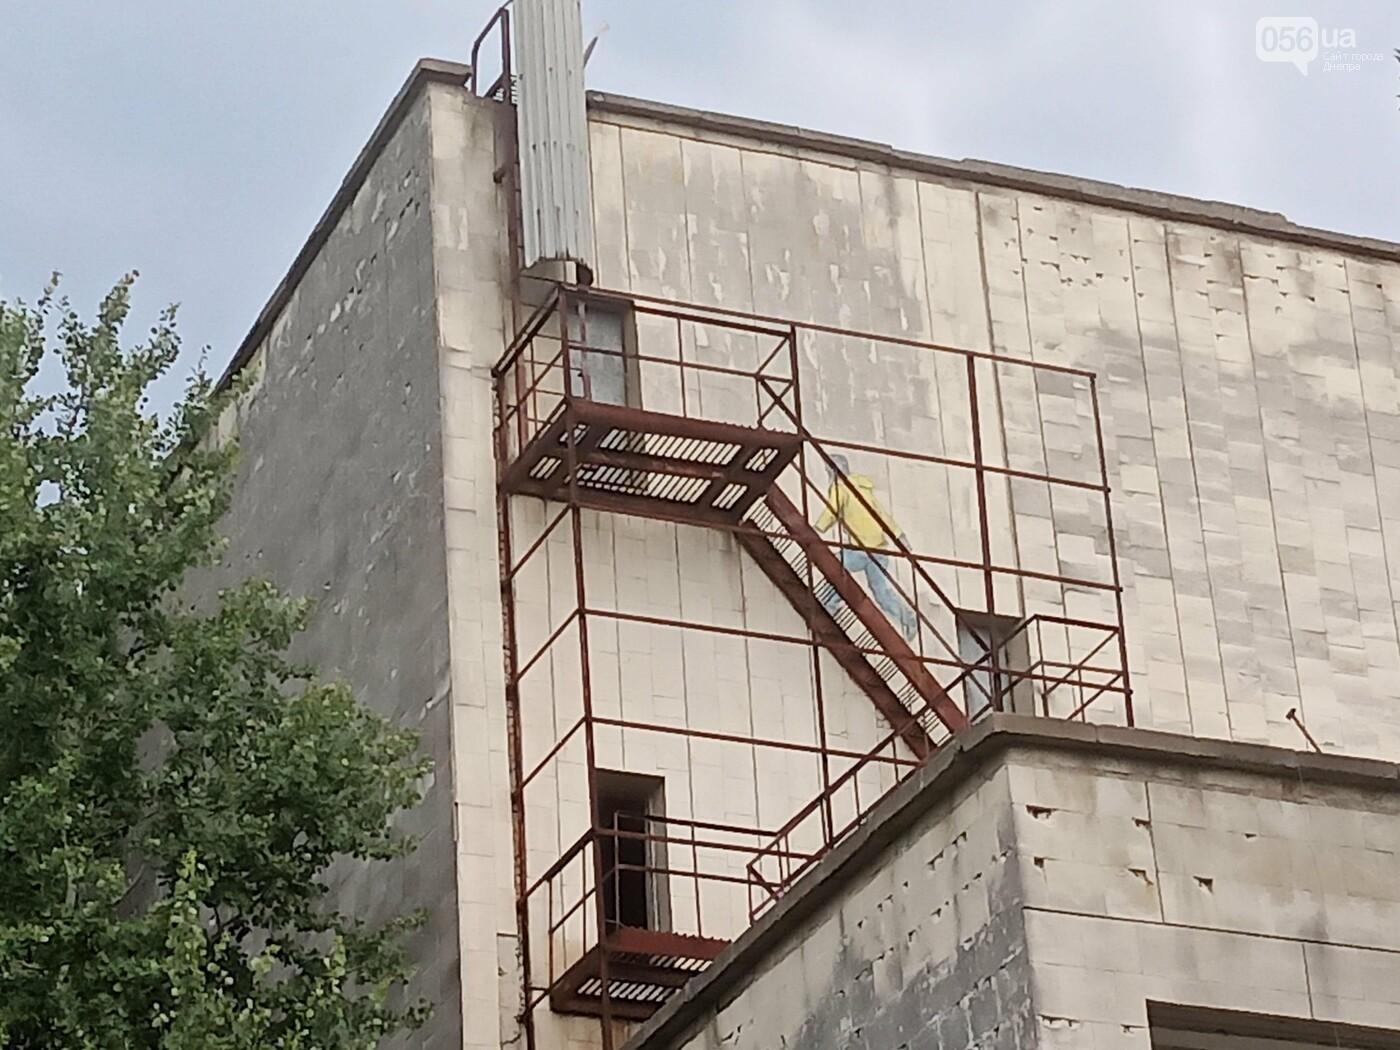 Минус пара кед и брюк: путешествие одного днепрянина в Чернобыль, - ФОТО, ВИДЕО, фото-71